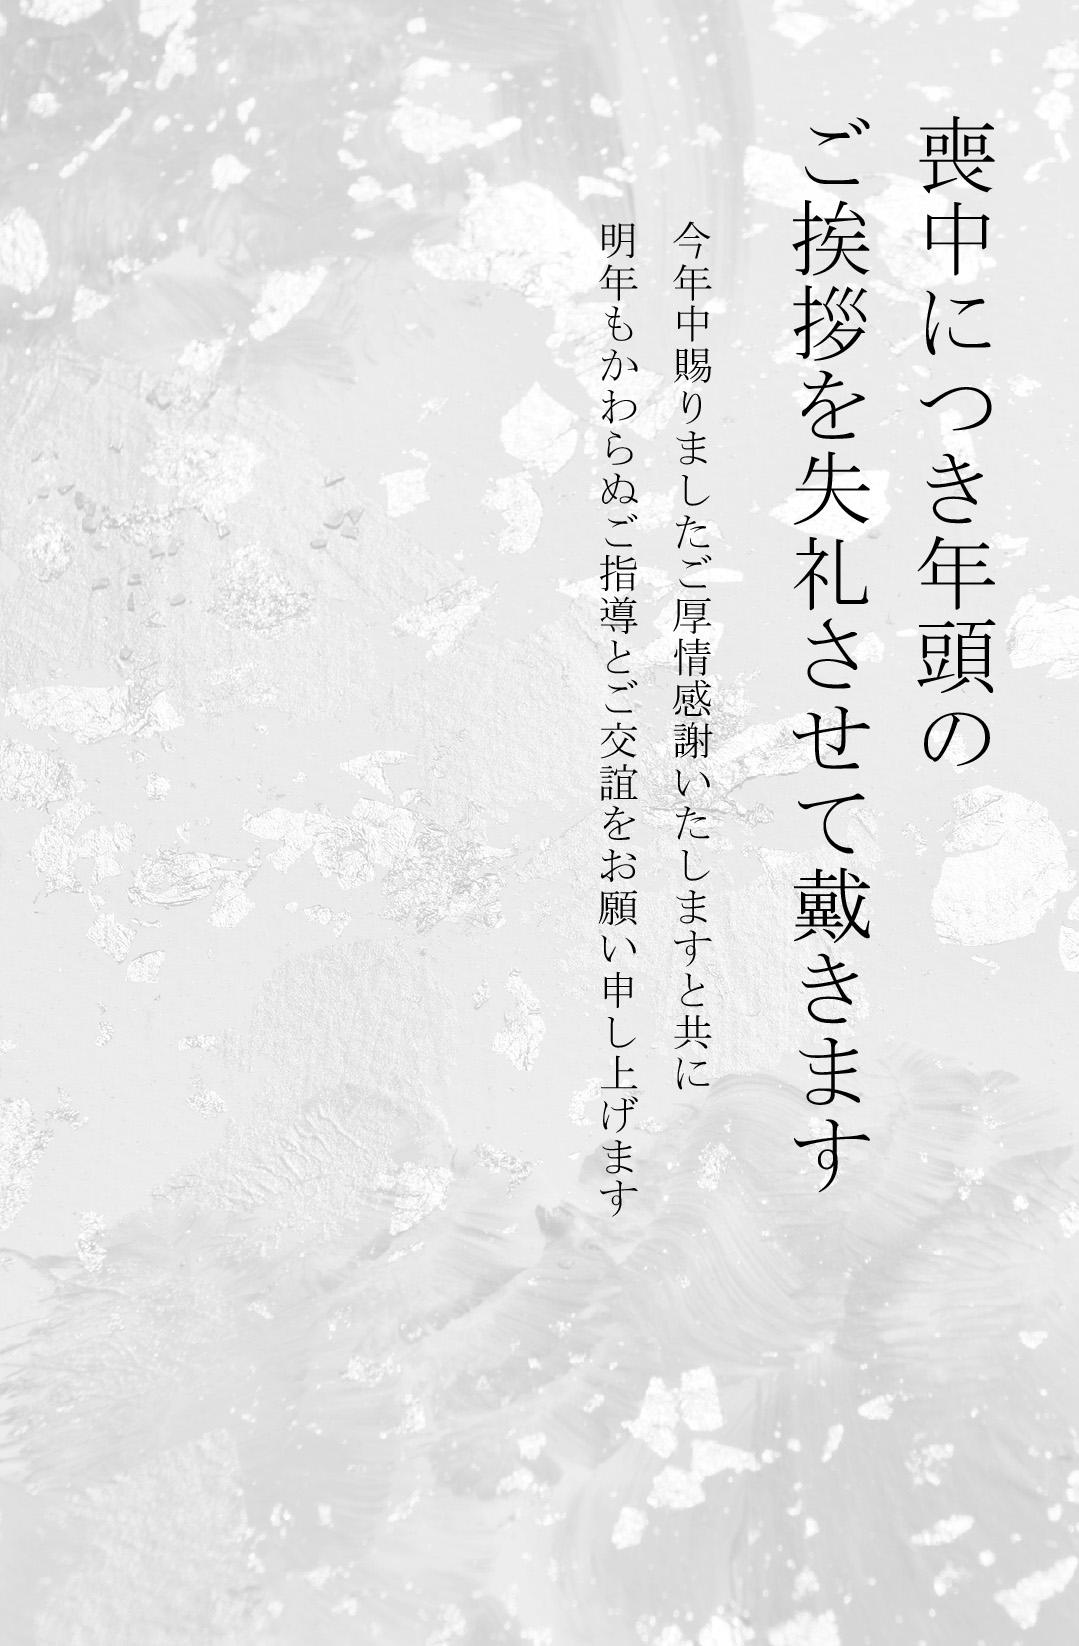 word pdf 画像 ずれる